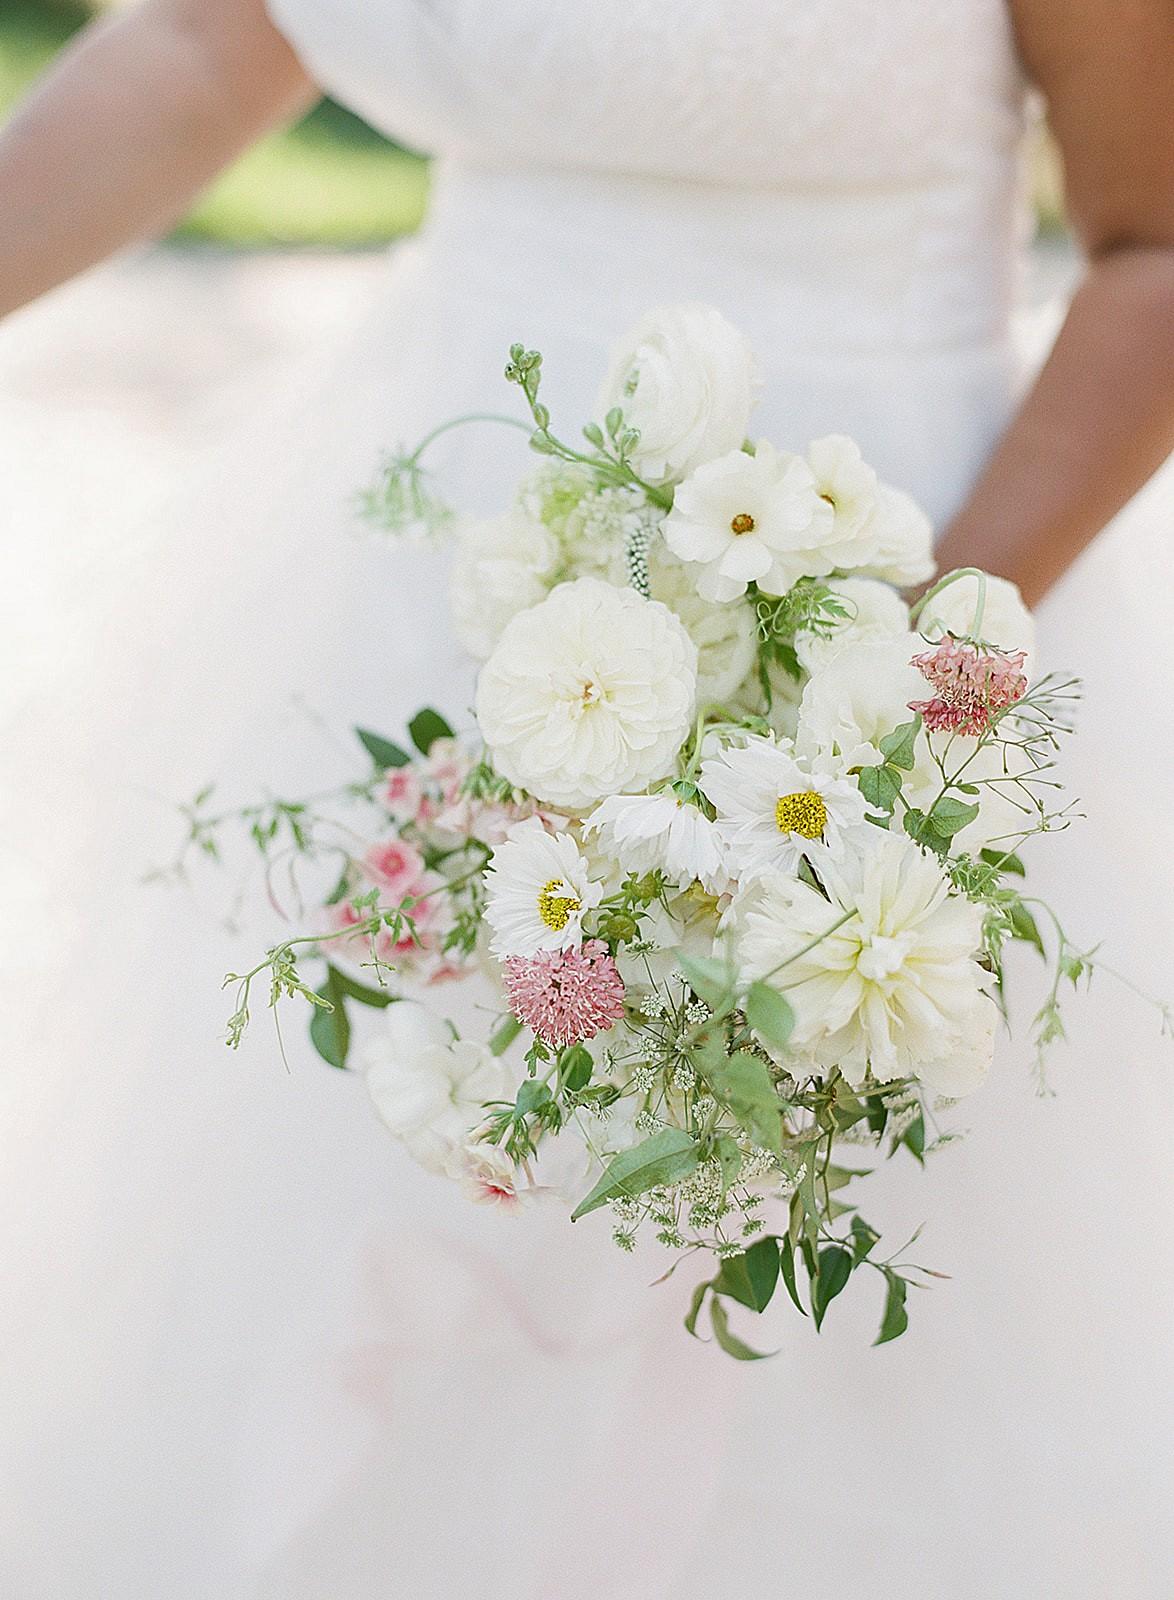 white bridal bouquet ideas 2021